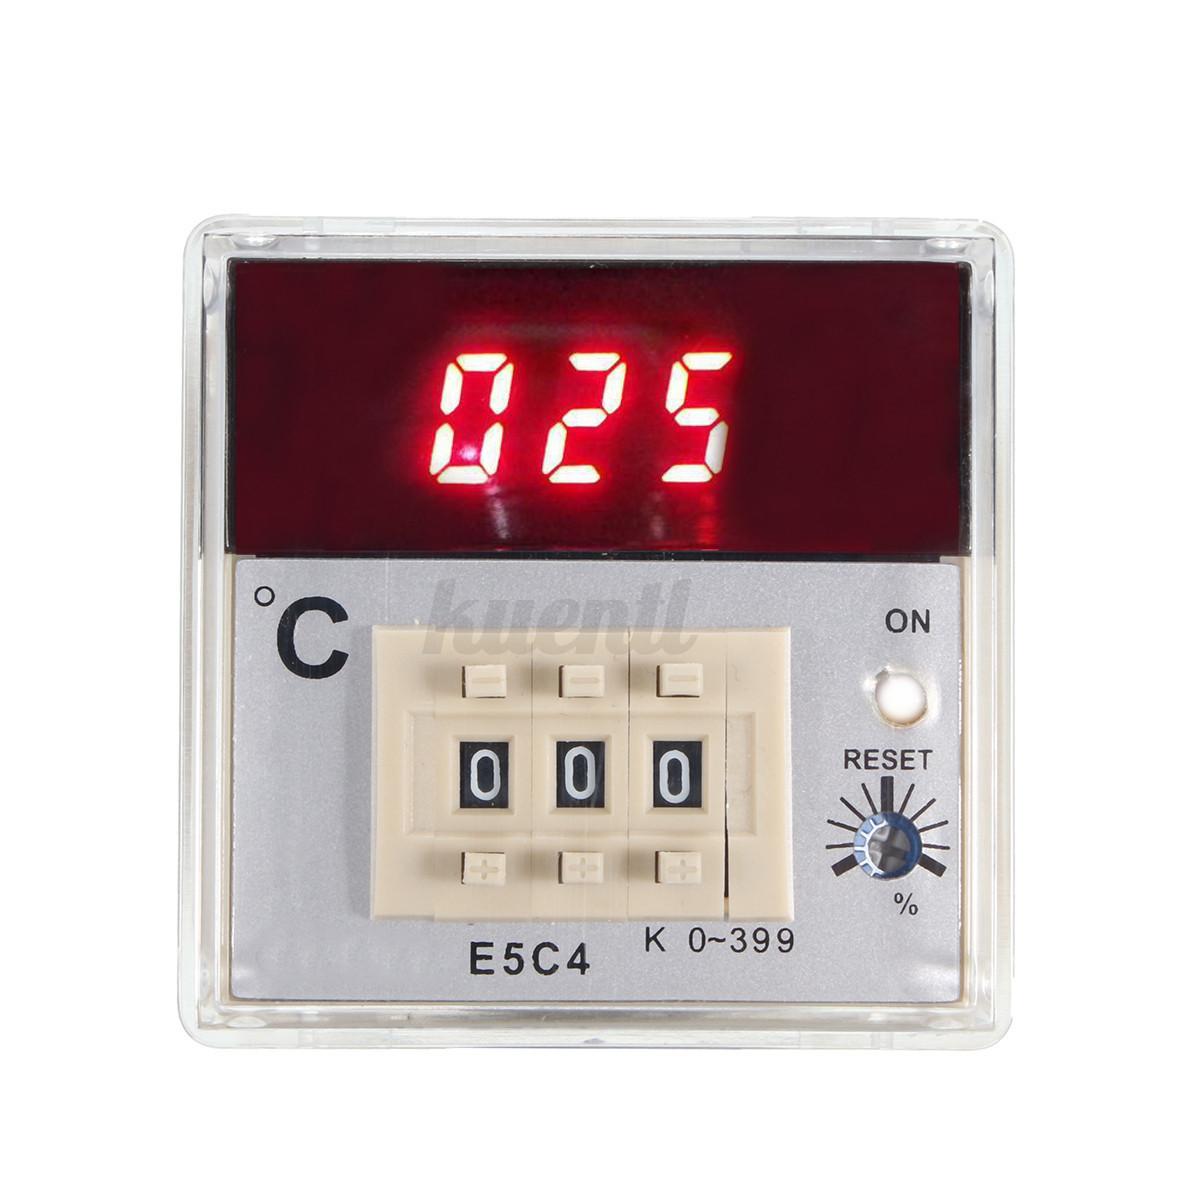 watlow 93 temperature controller manual